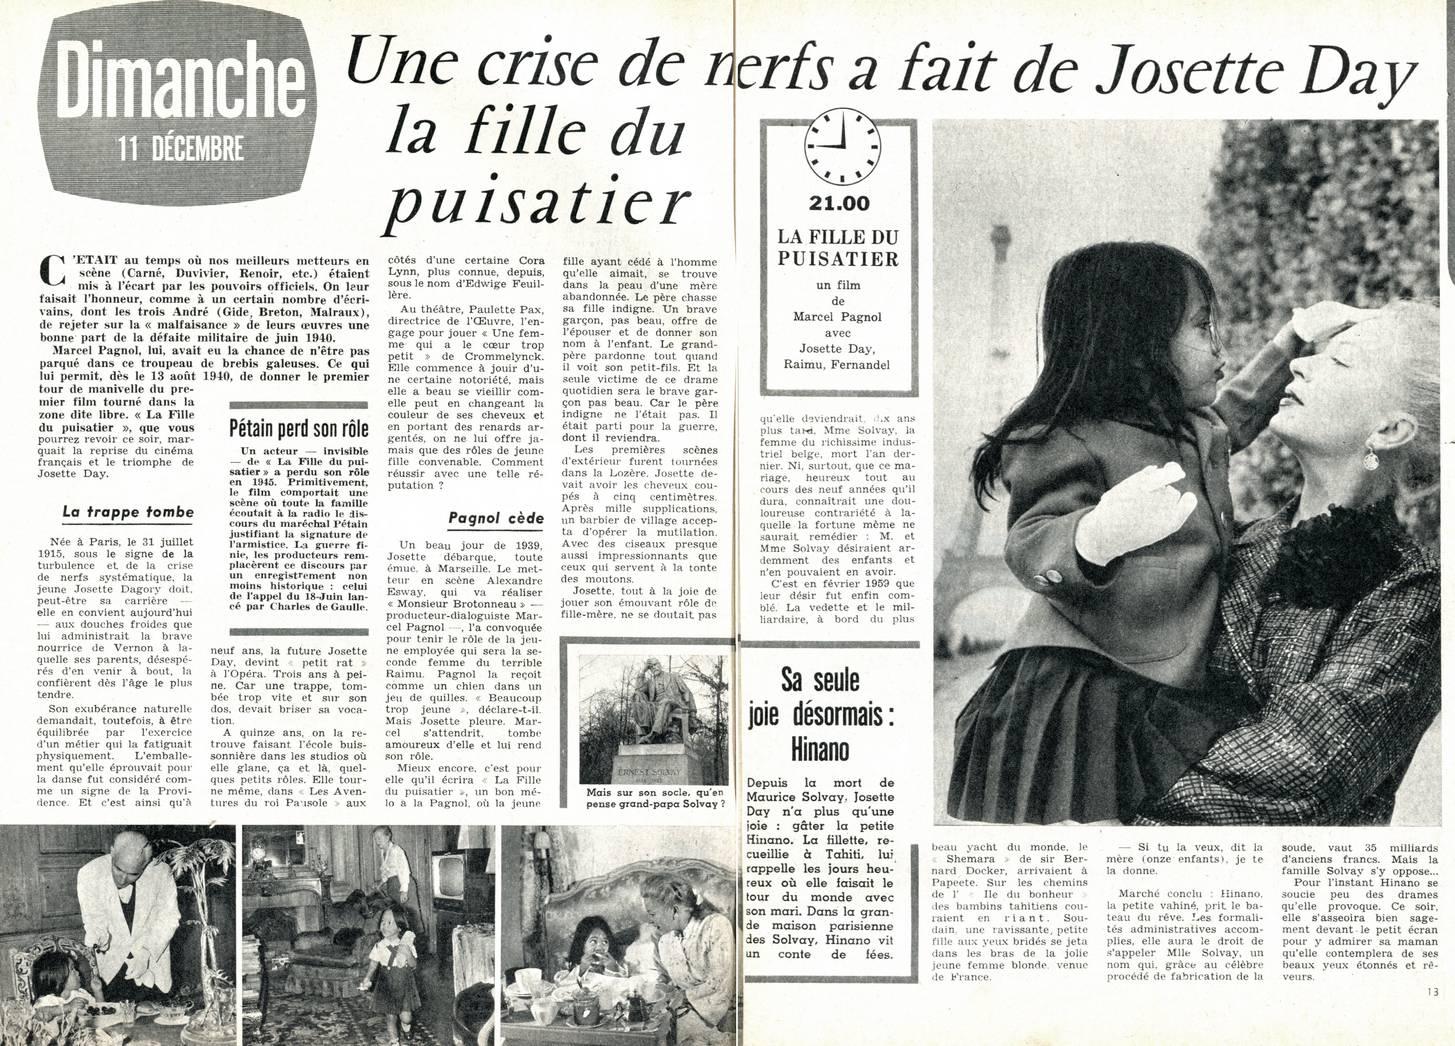 FILLE DU LA 1940 TÉLÉCHARGER PUISATIER